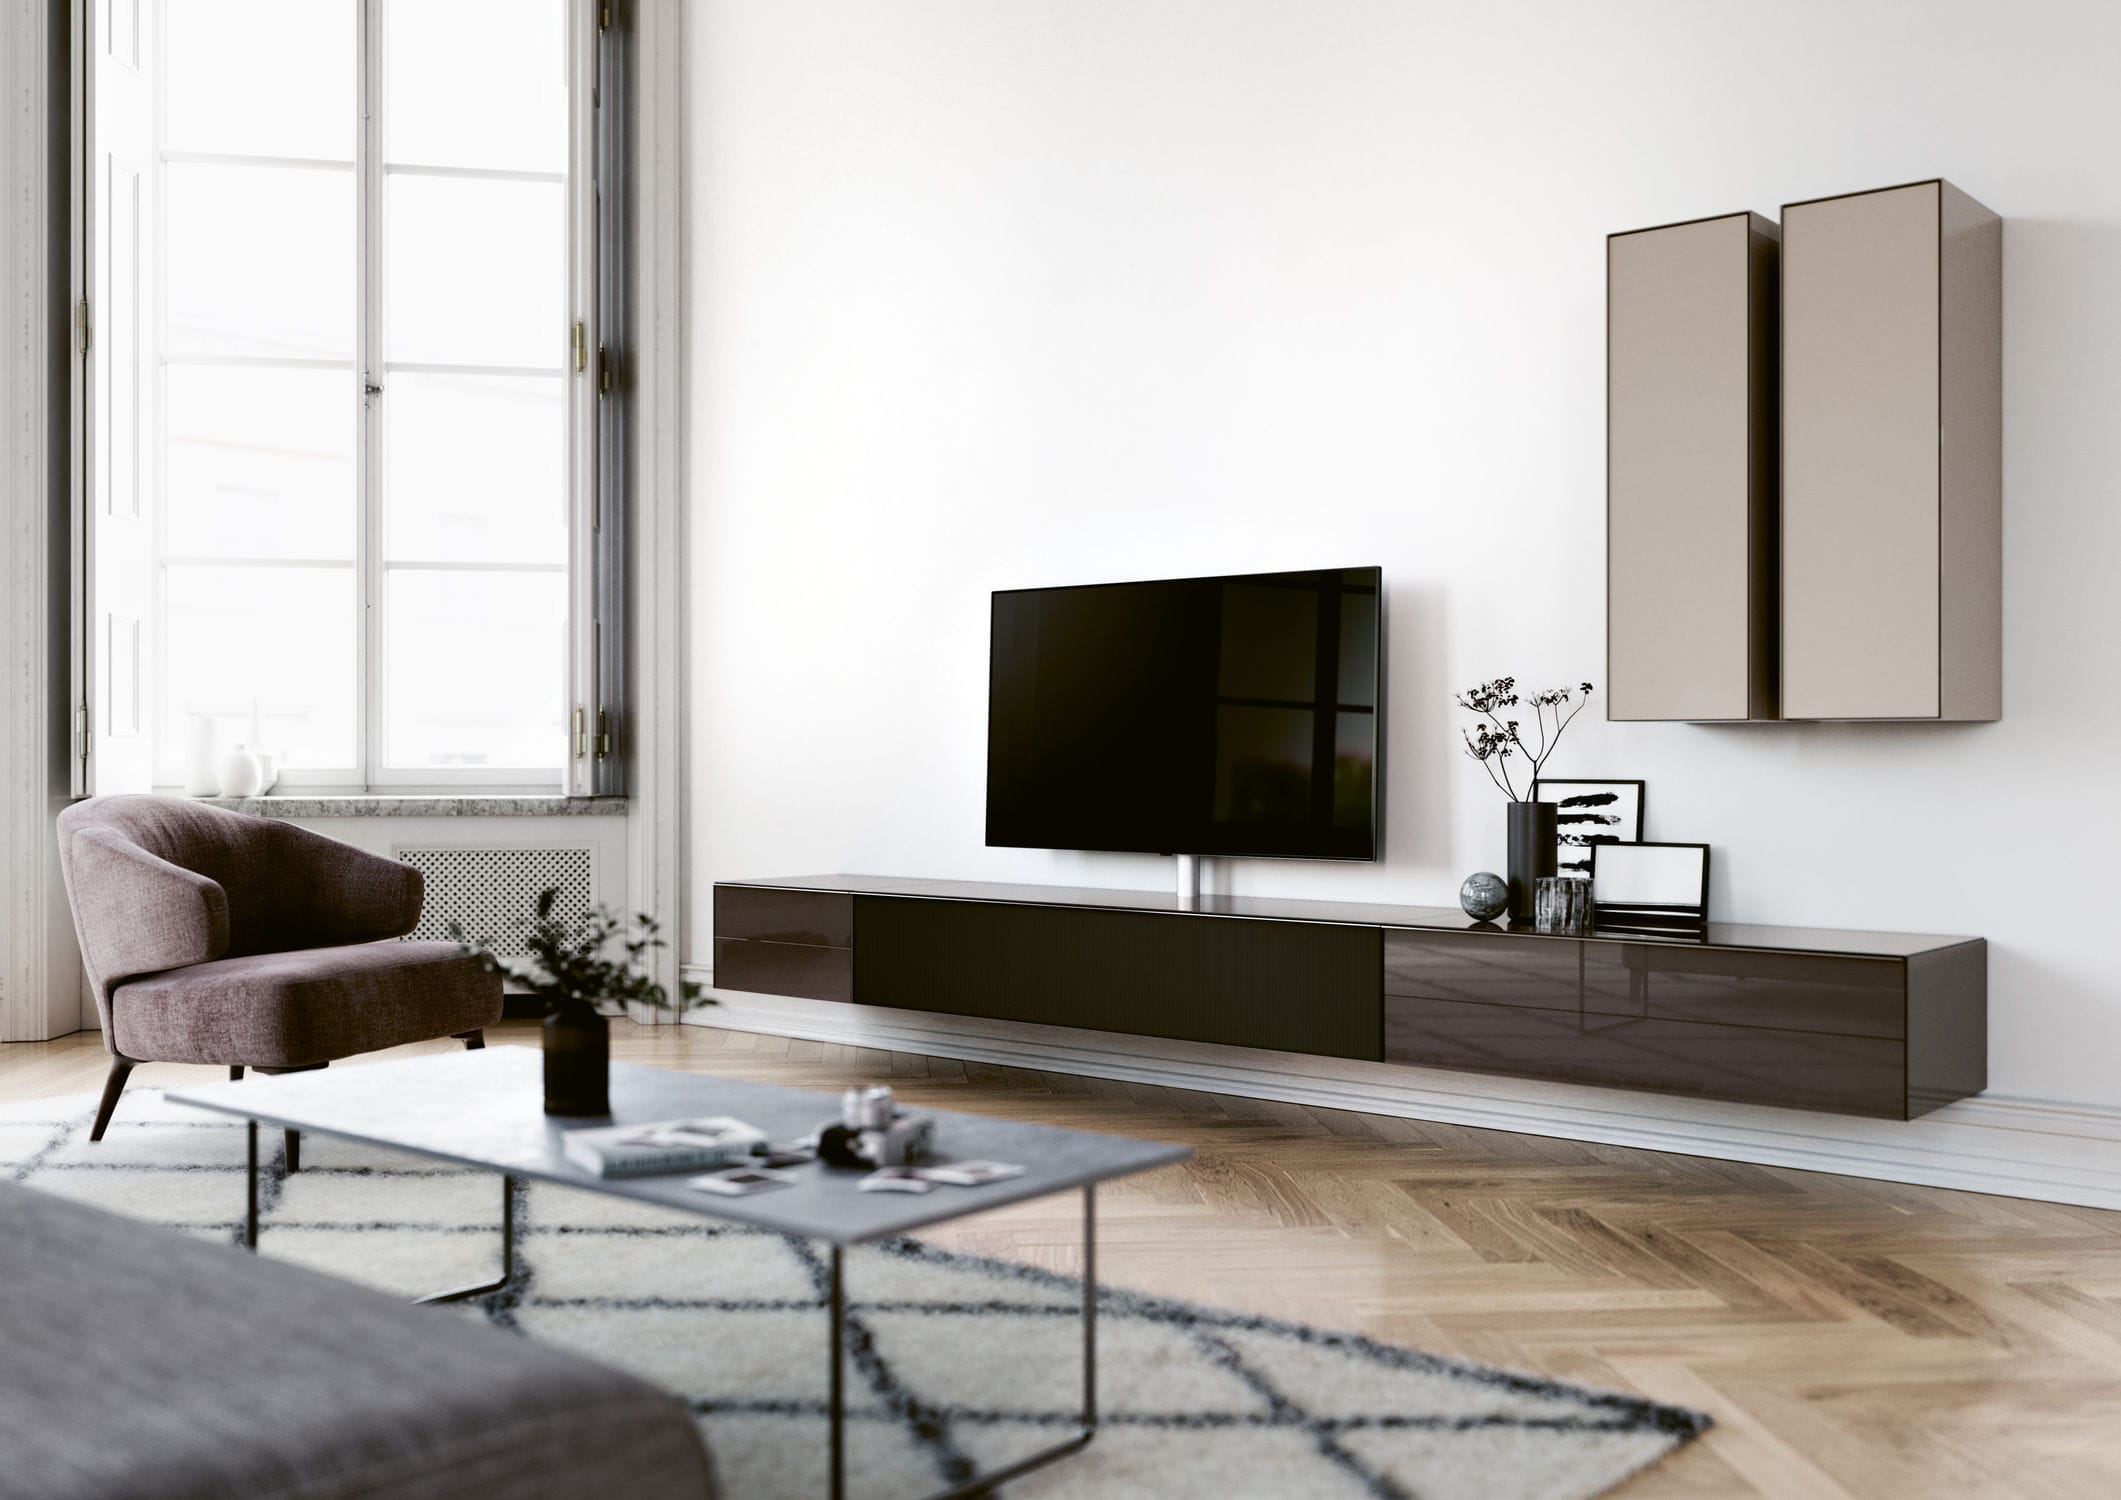 Meuble Tv Hifi Intégré meuble tv contemporain / avec station d'accueil hi-fi